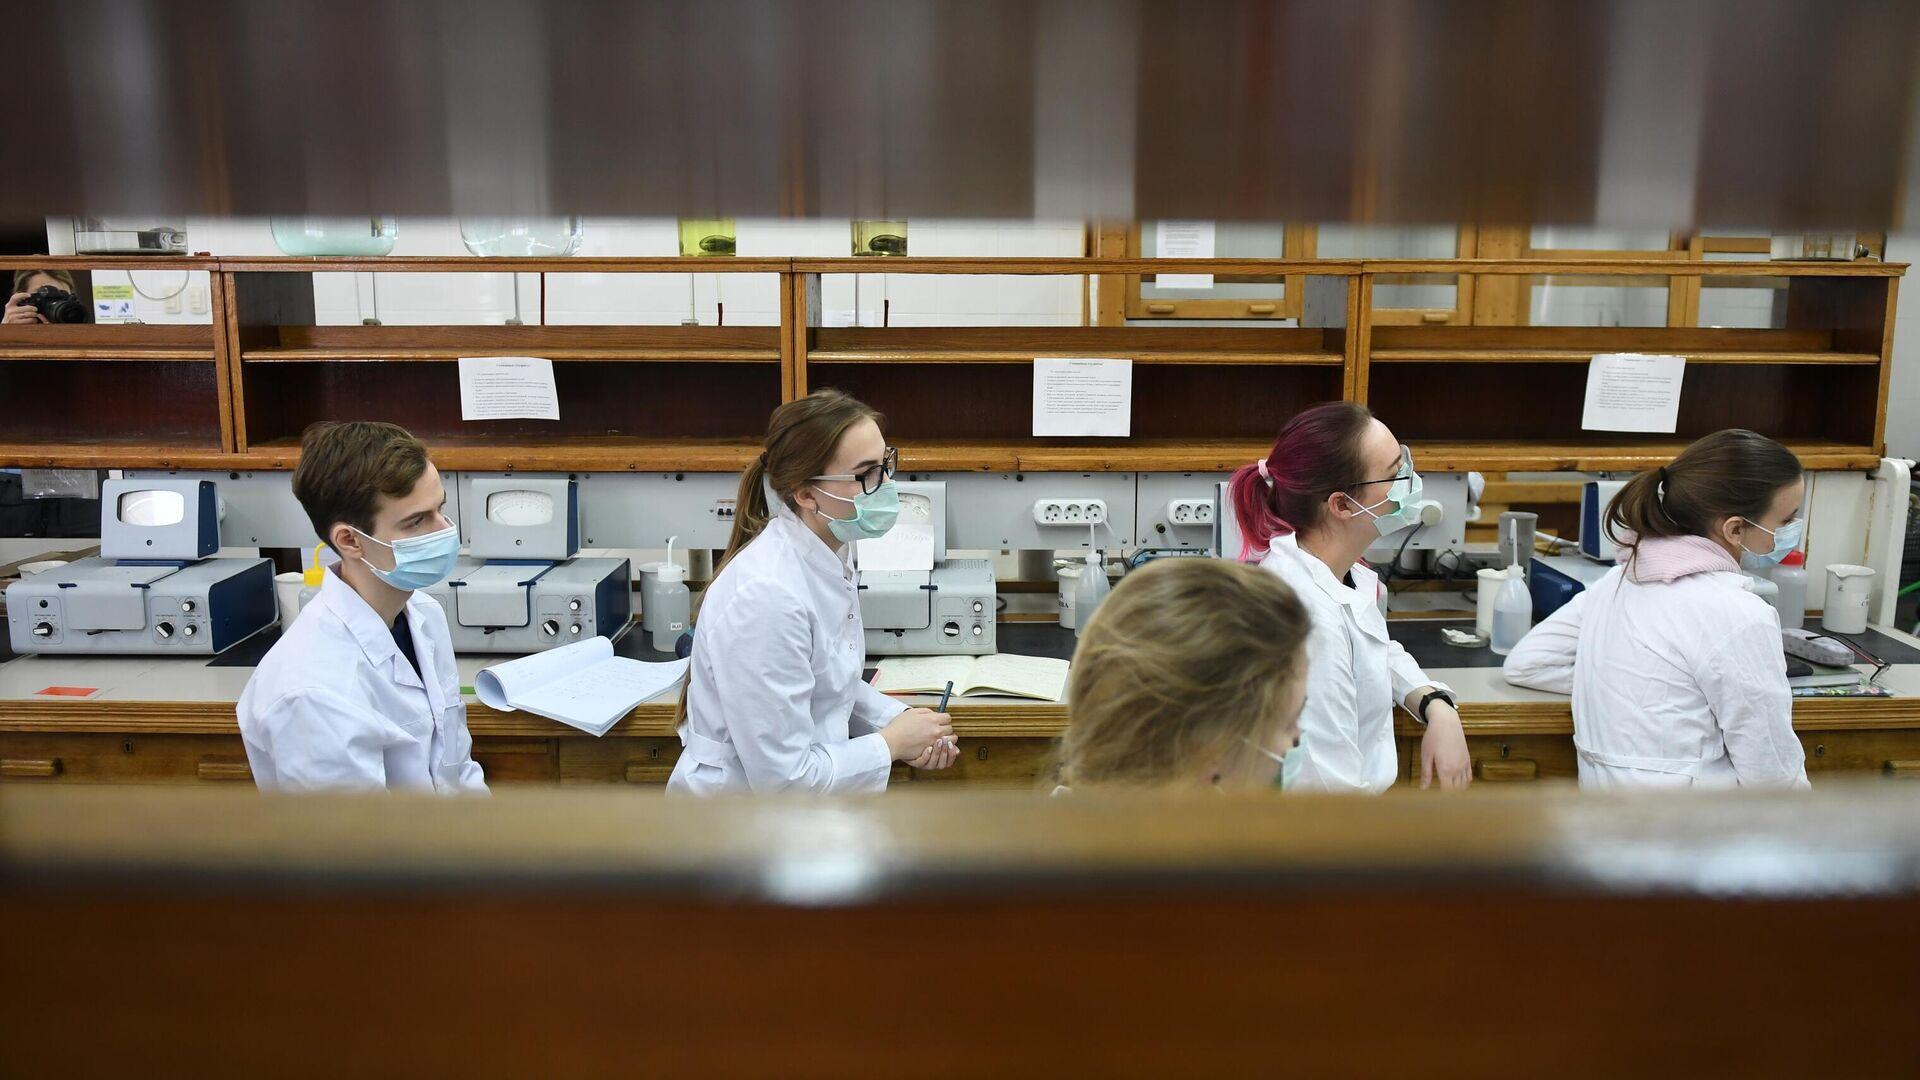 Студенты в защитных масках в лаборатории Московского государственного университета имени М. В. Ломоносова - РИА Новости, 1920, 12.02.2021